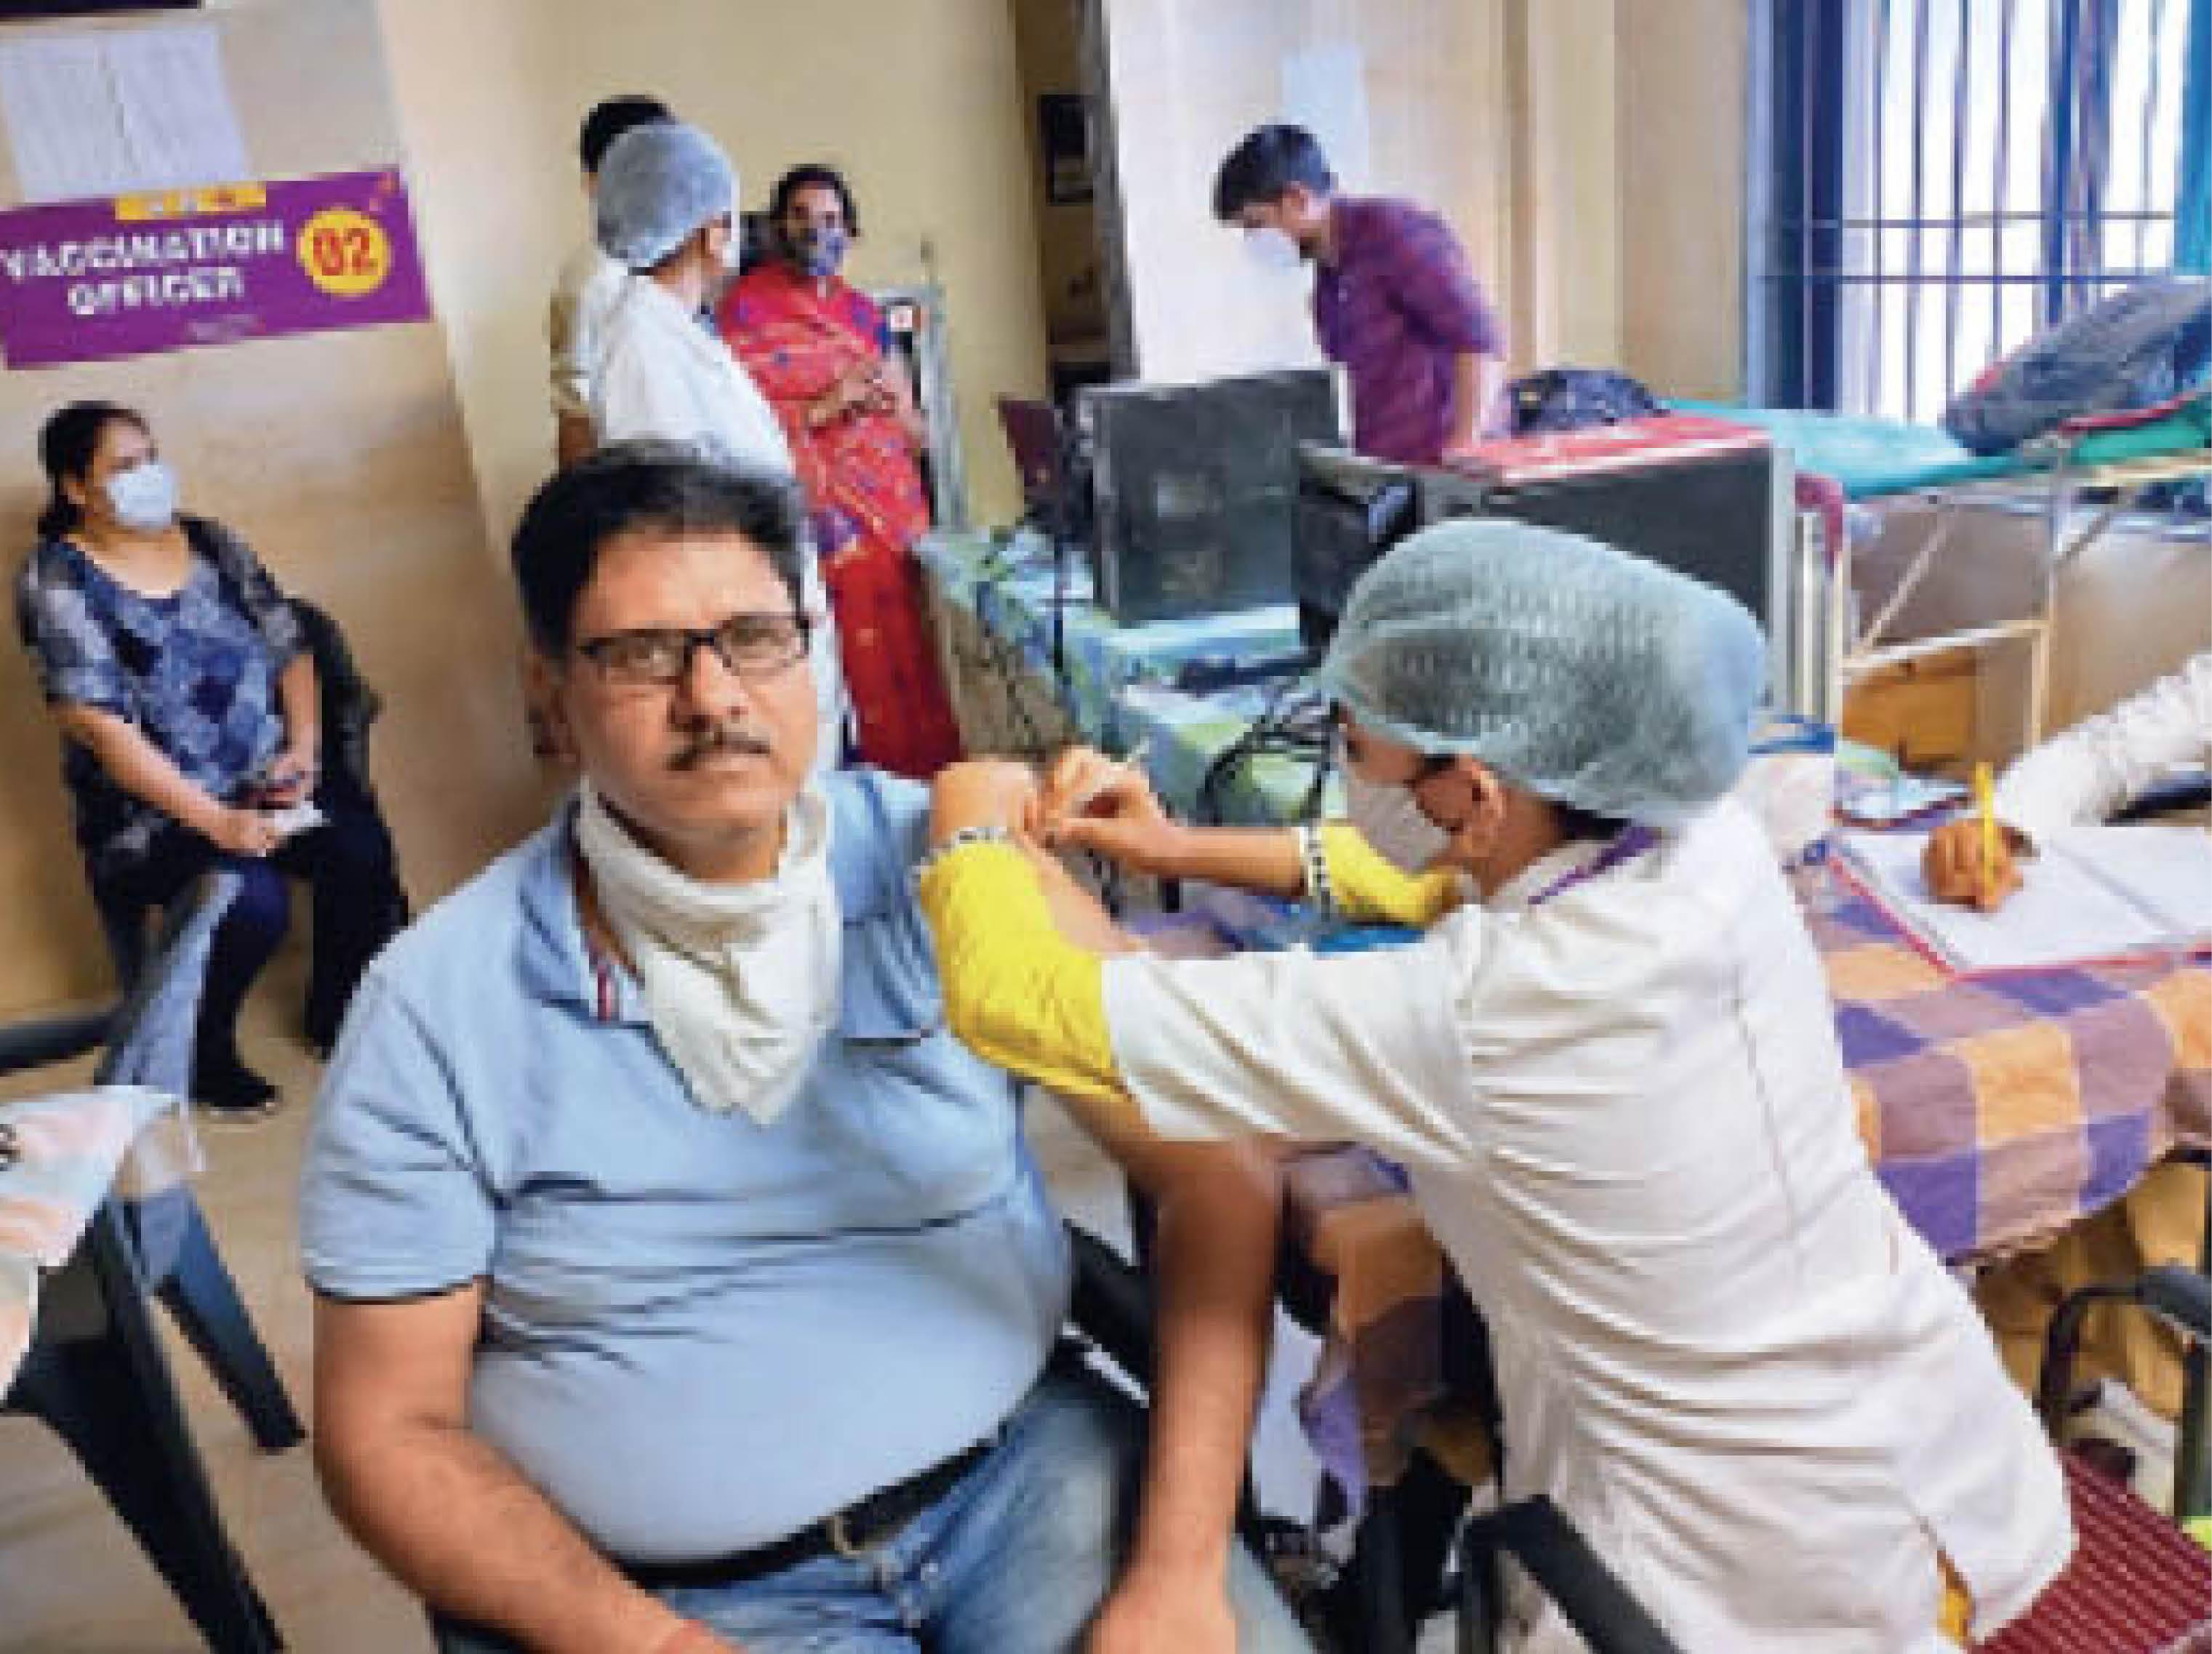 प्रदेश में युवाओं का टीकाकरण 1 मई से शुरु होने के बाद बहुत से युवाओं के सर्टिफिकेट में नाम, पते सहित कई जानकारियां गलत छप गईं हैं। - Dainik Bhaskar